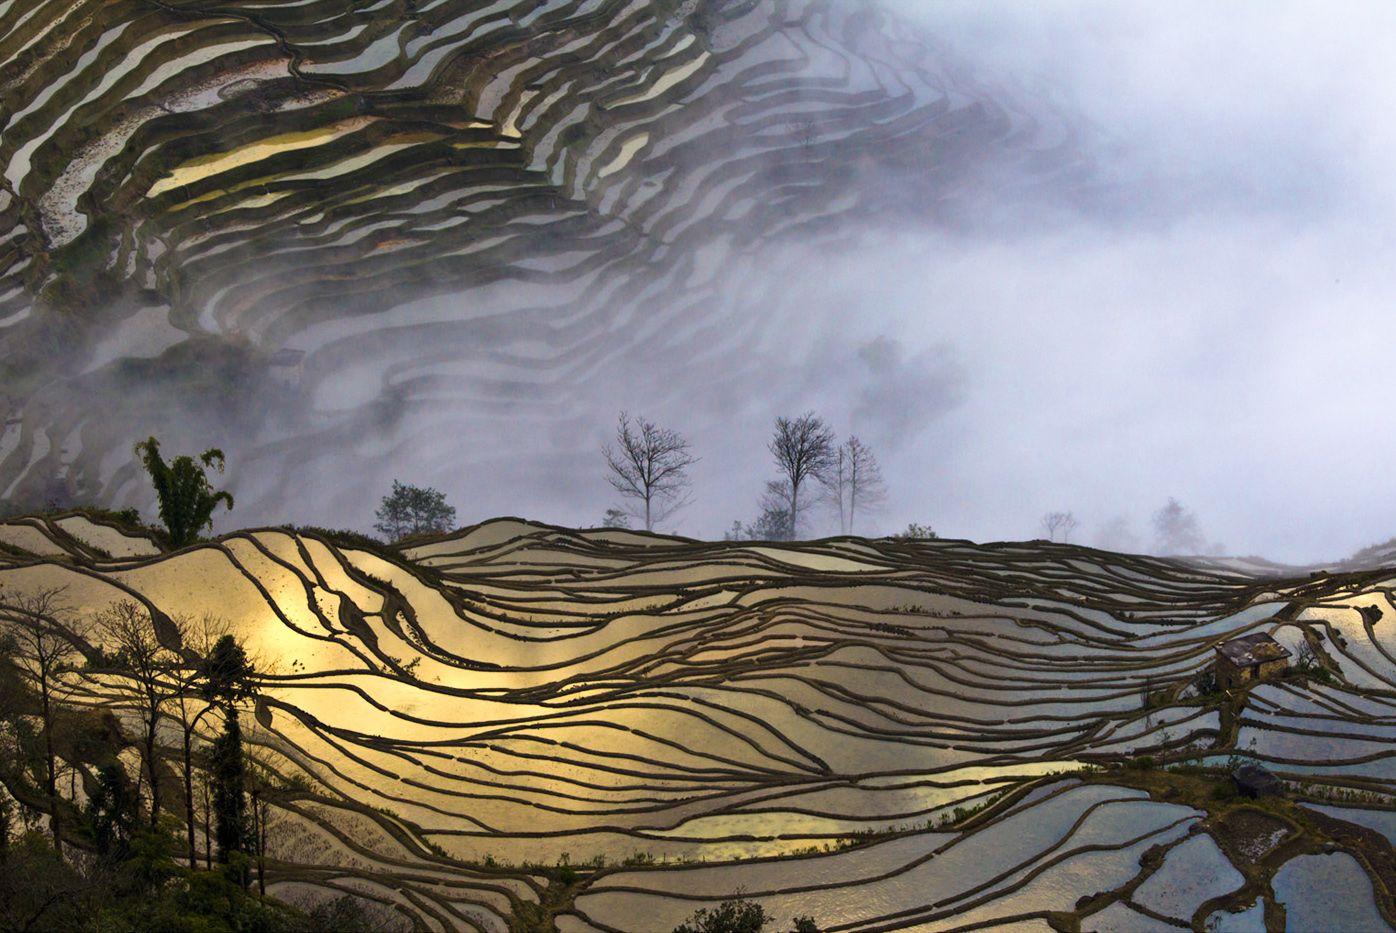 Снова рисовые поля